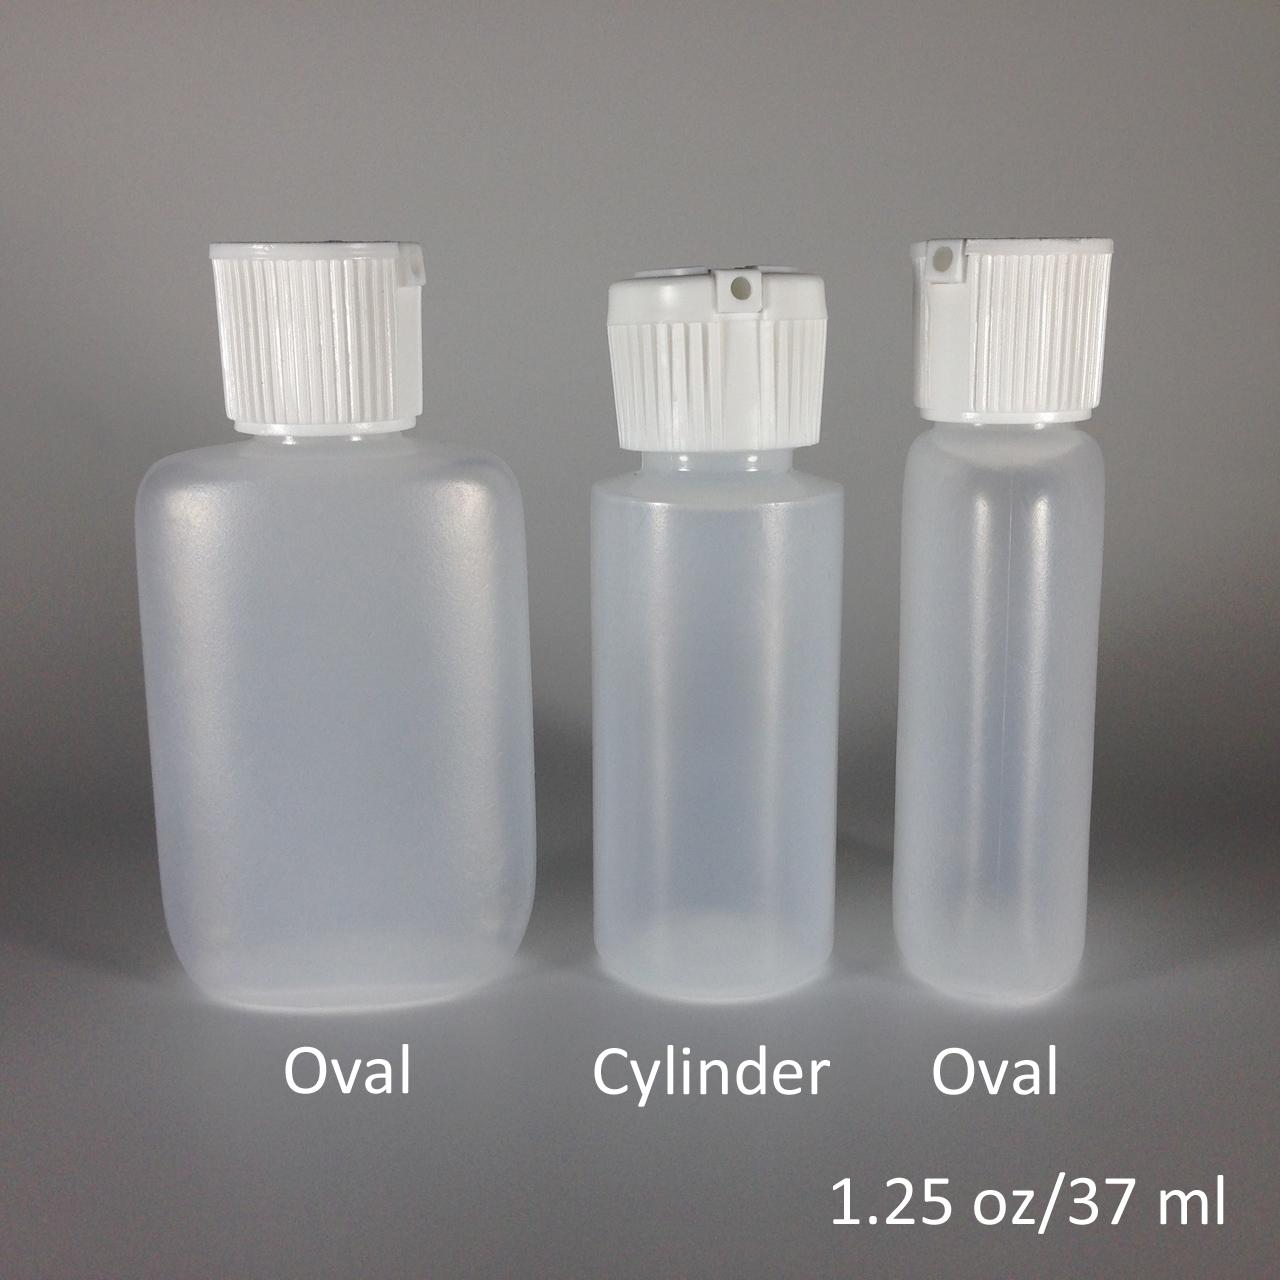 flip-top-oval-vs-cylinder-bottle-1.25oz.jpg